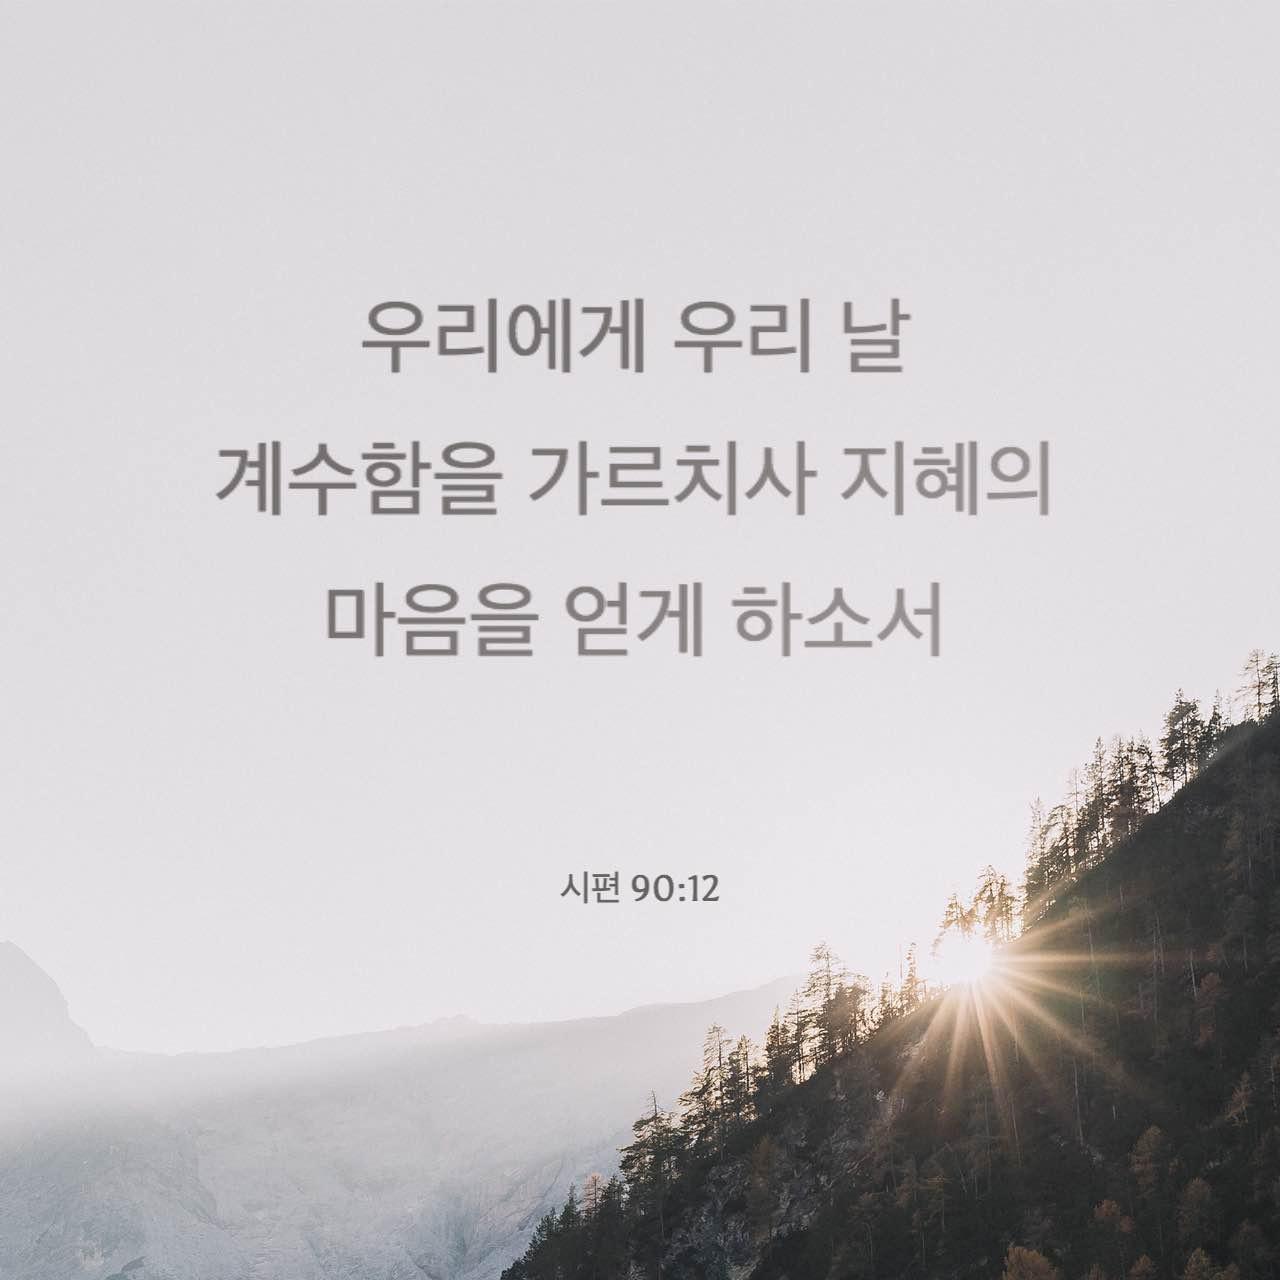 4/11/2019.    (시편 90편)